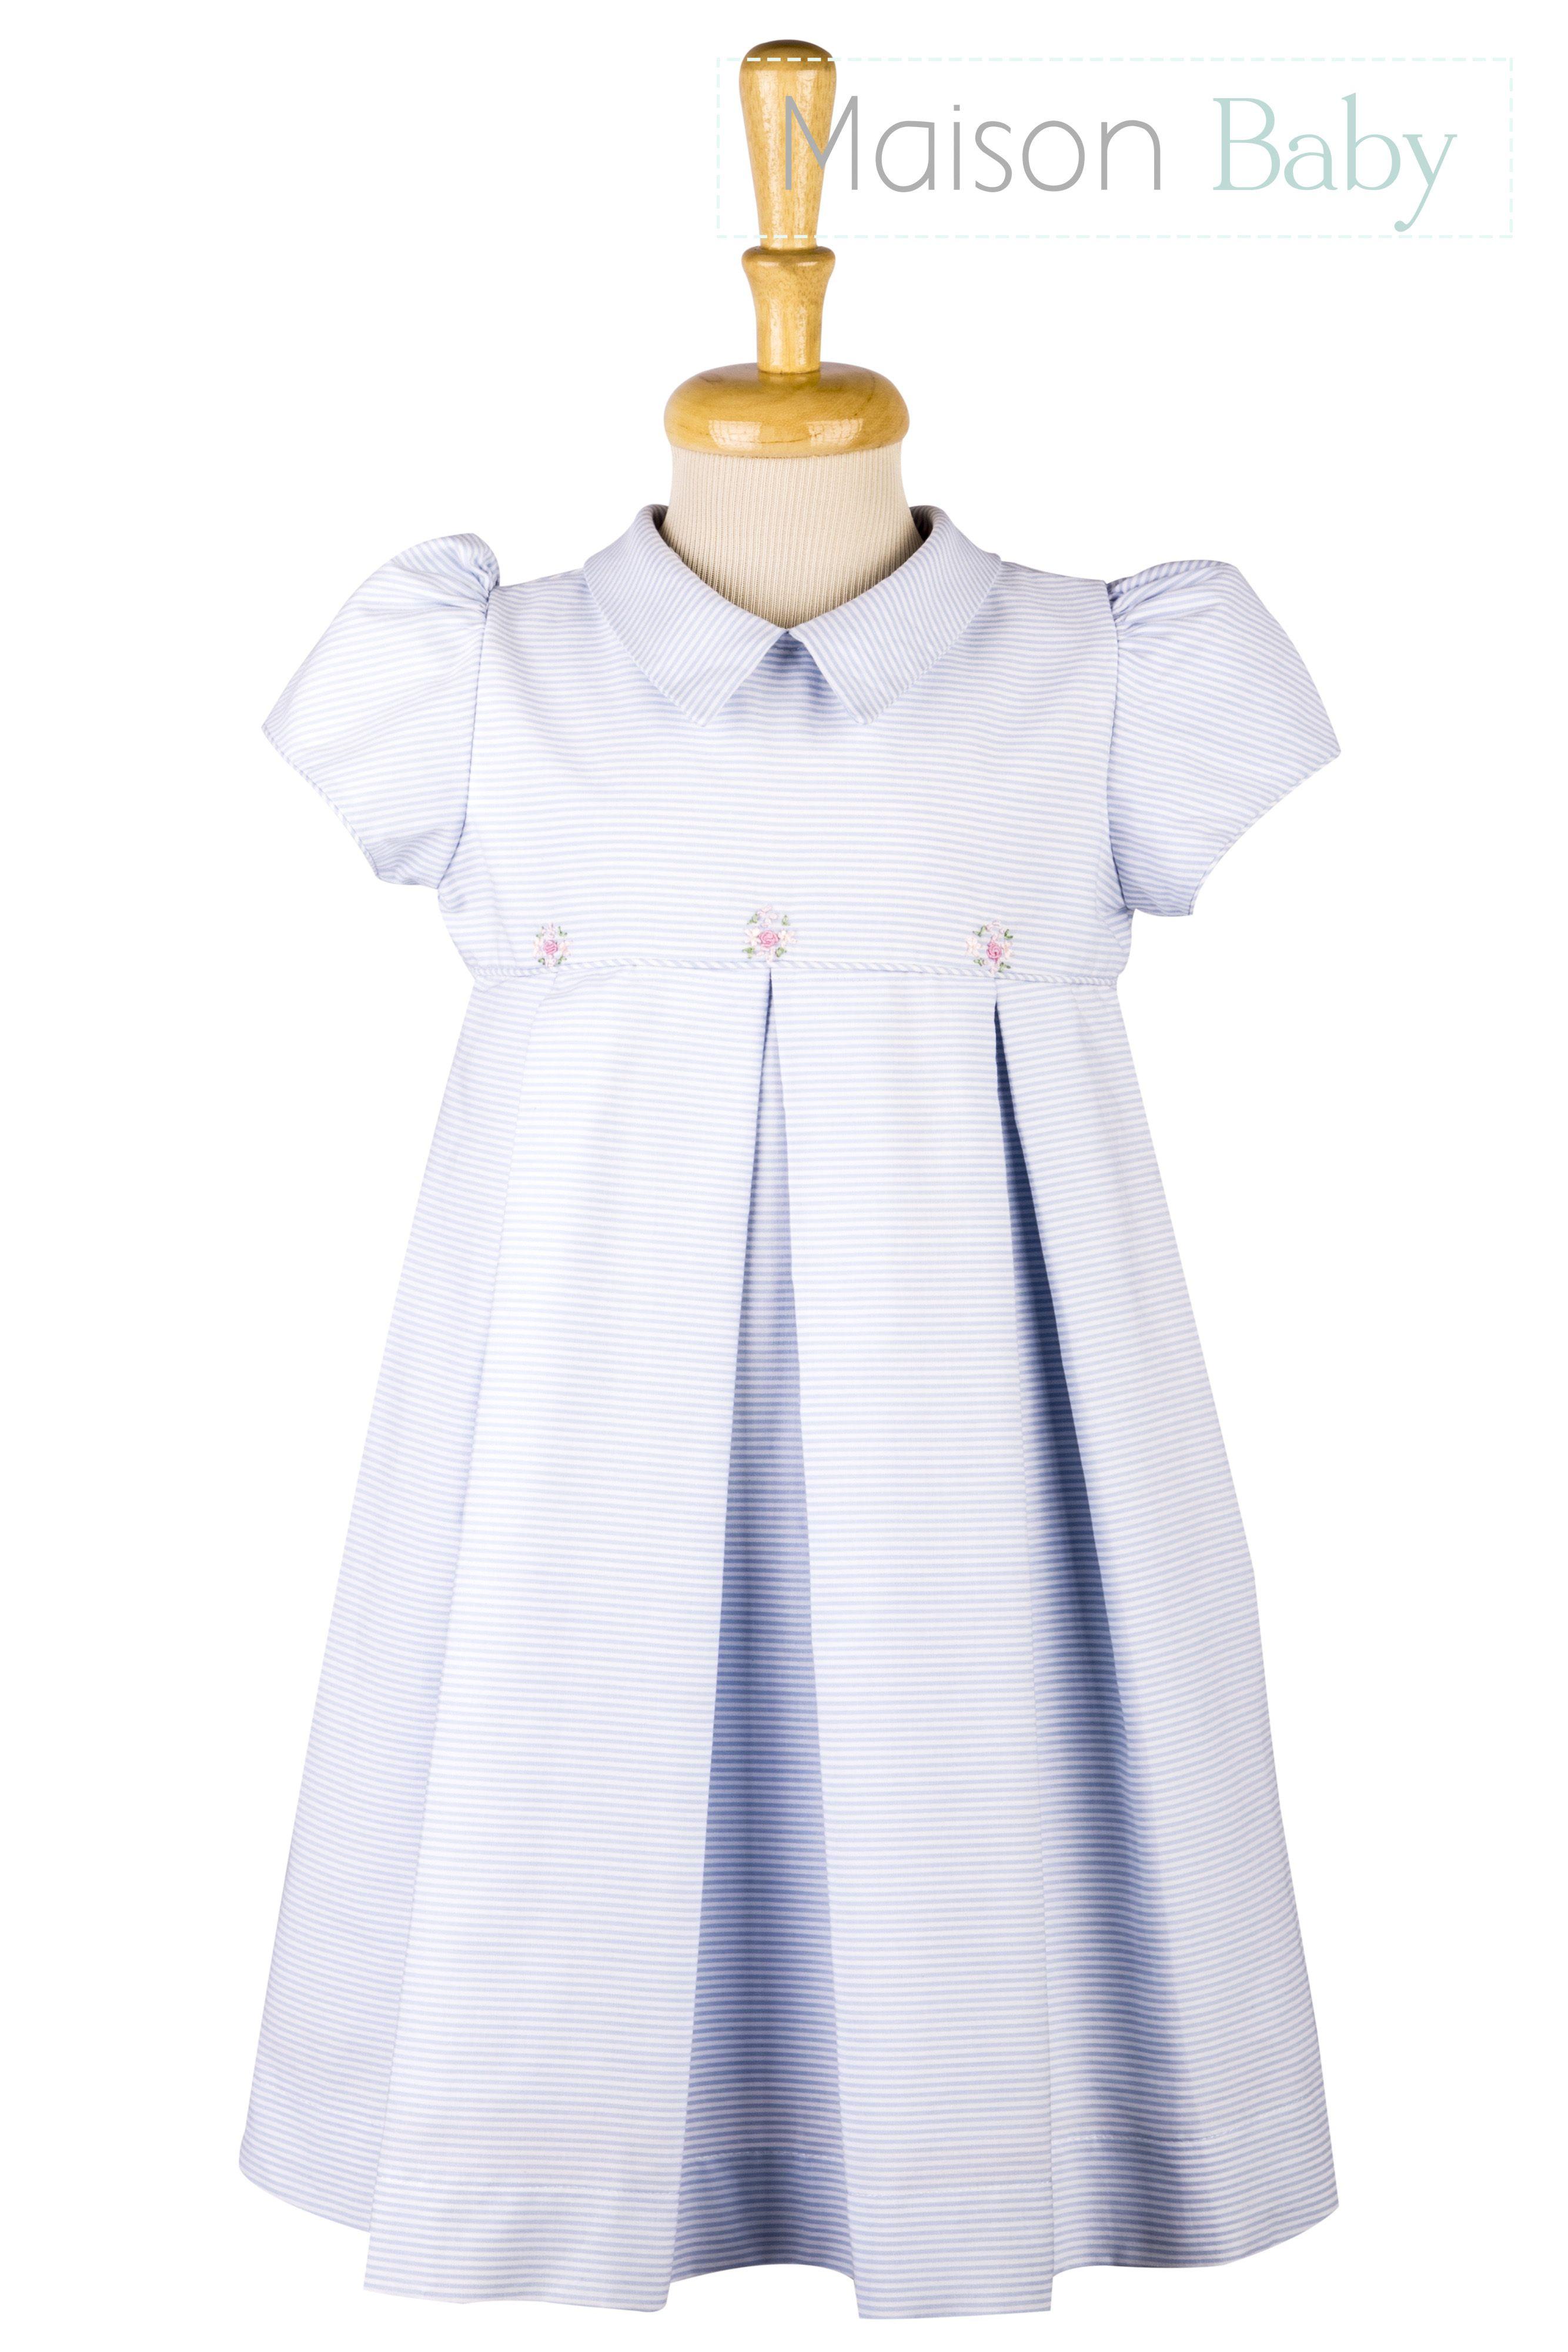 0c90593367 Vestido de festa infantil clássico com bordado da Maison Baby.  girlsdress   vestidoinfantildefesta